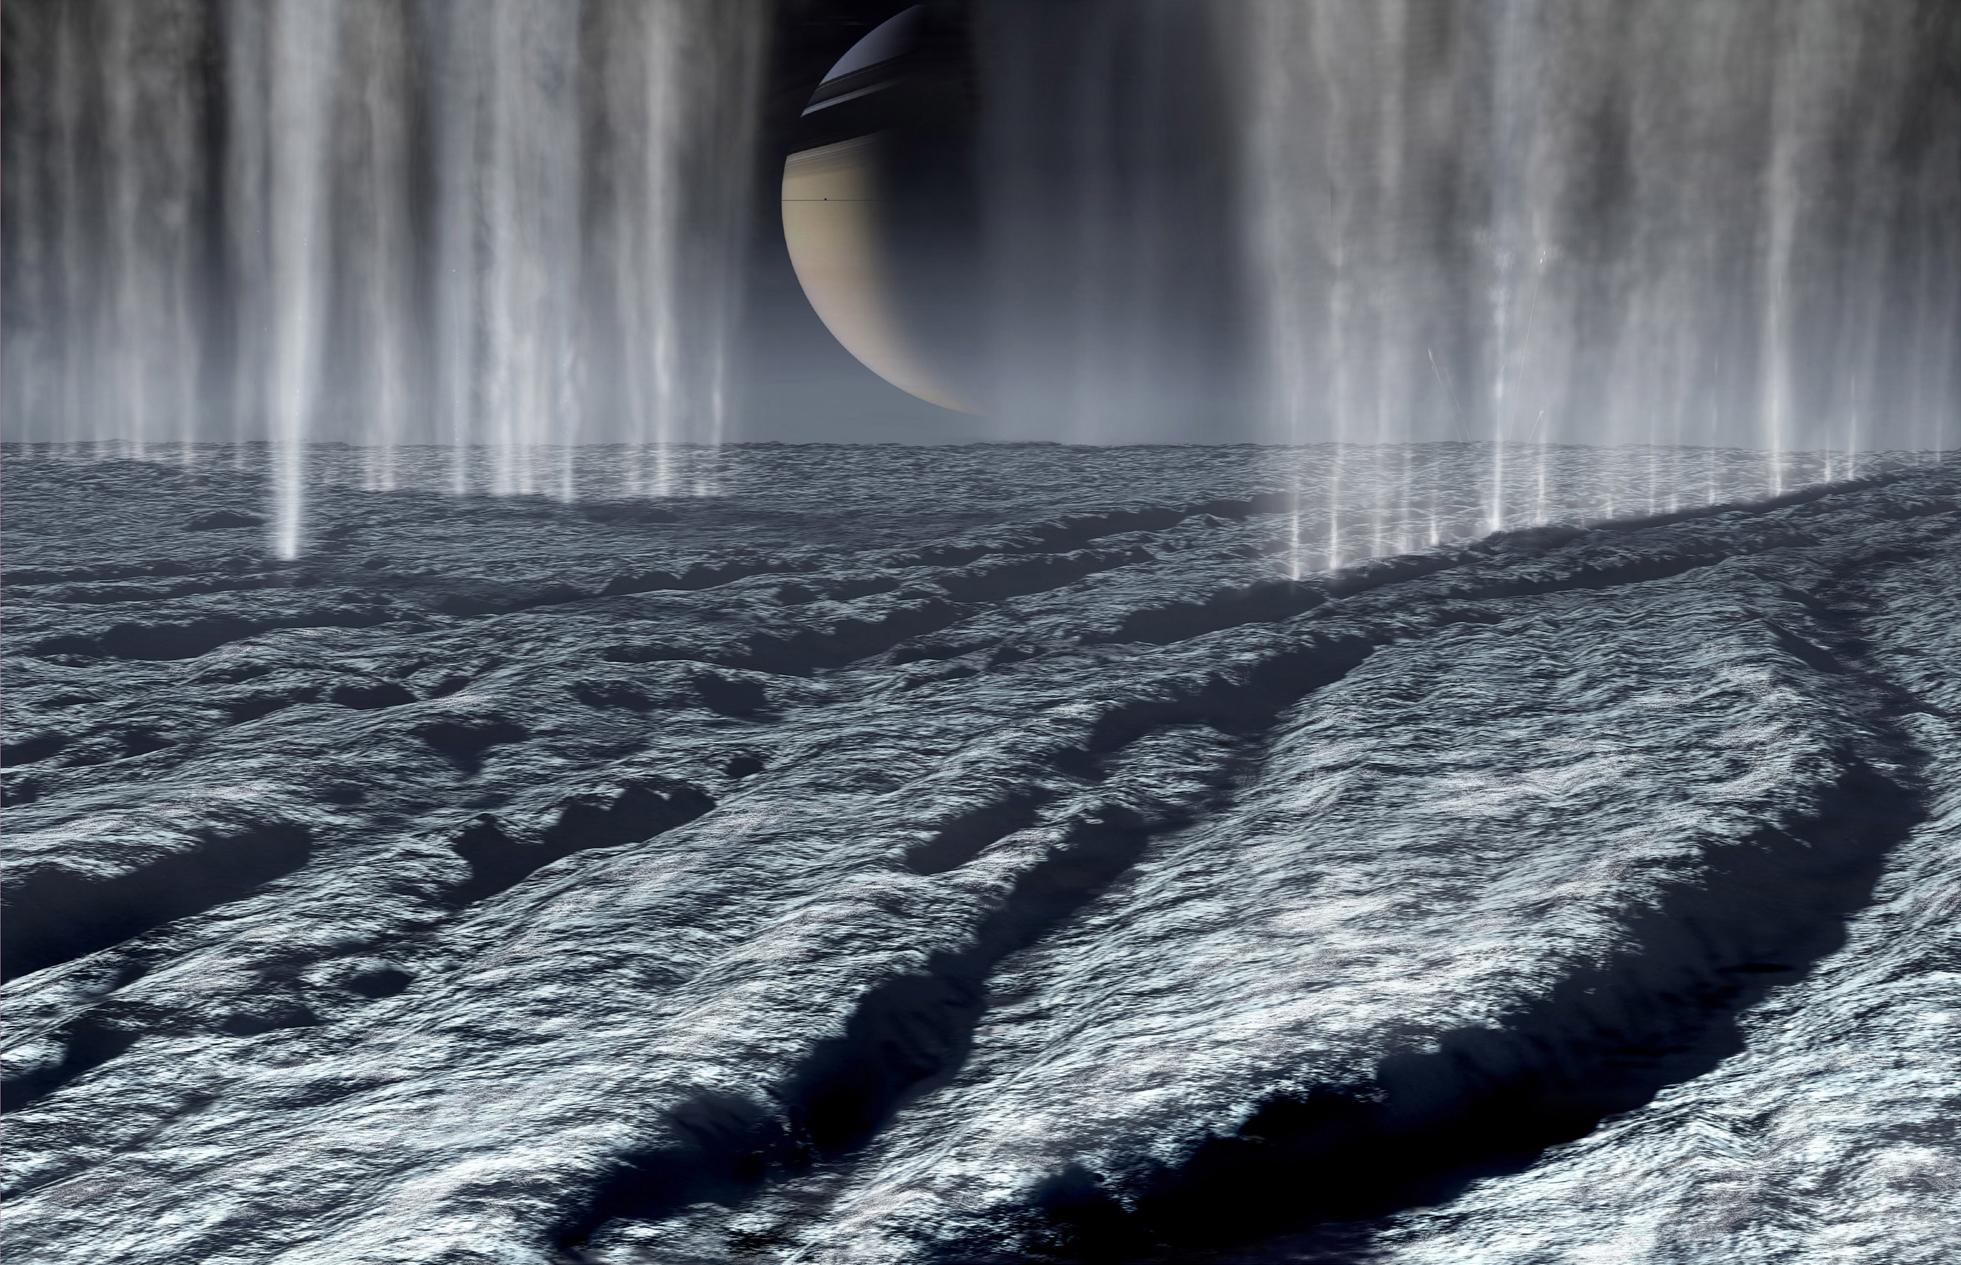 Ученые предположили наличие жизни наспутниках Сатурна иЮпитера